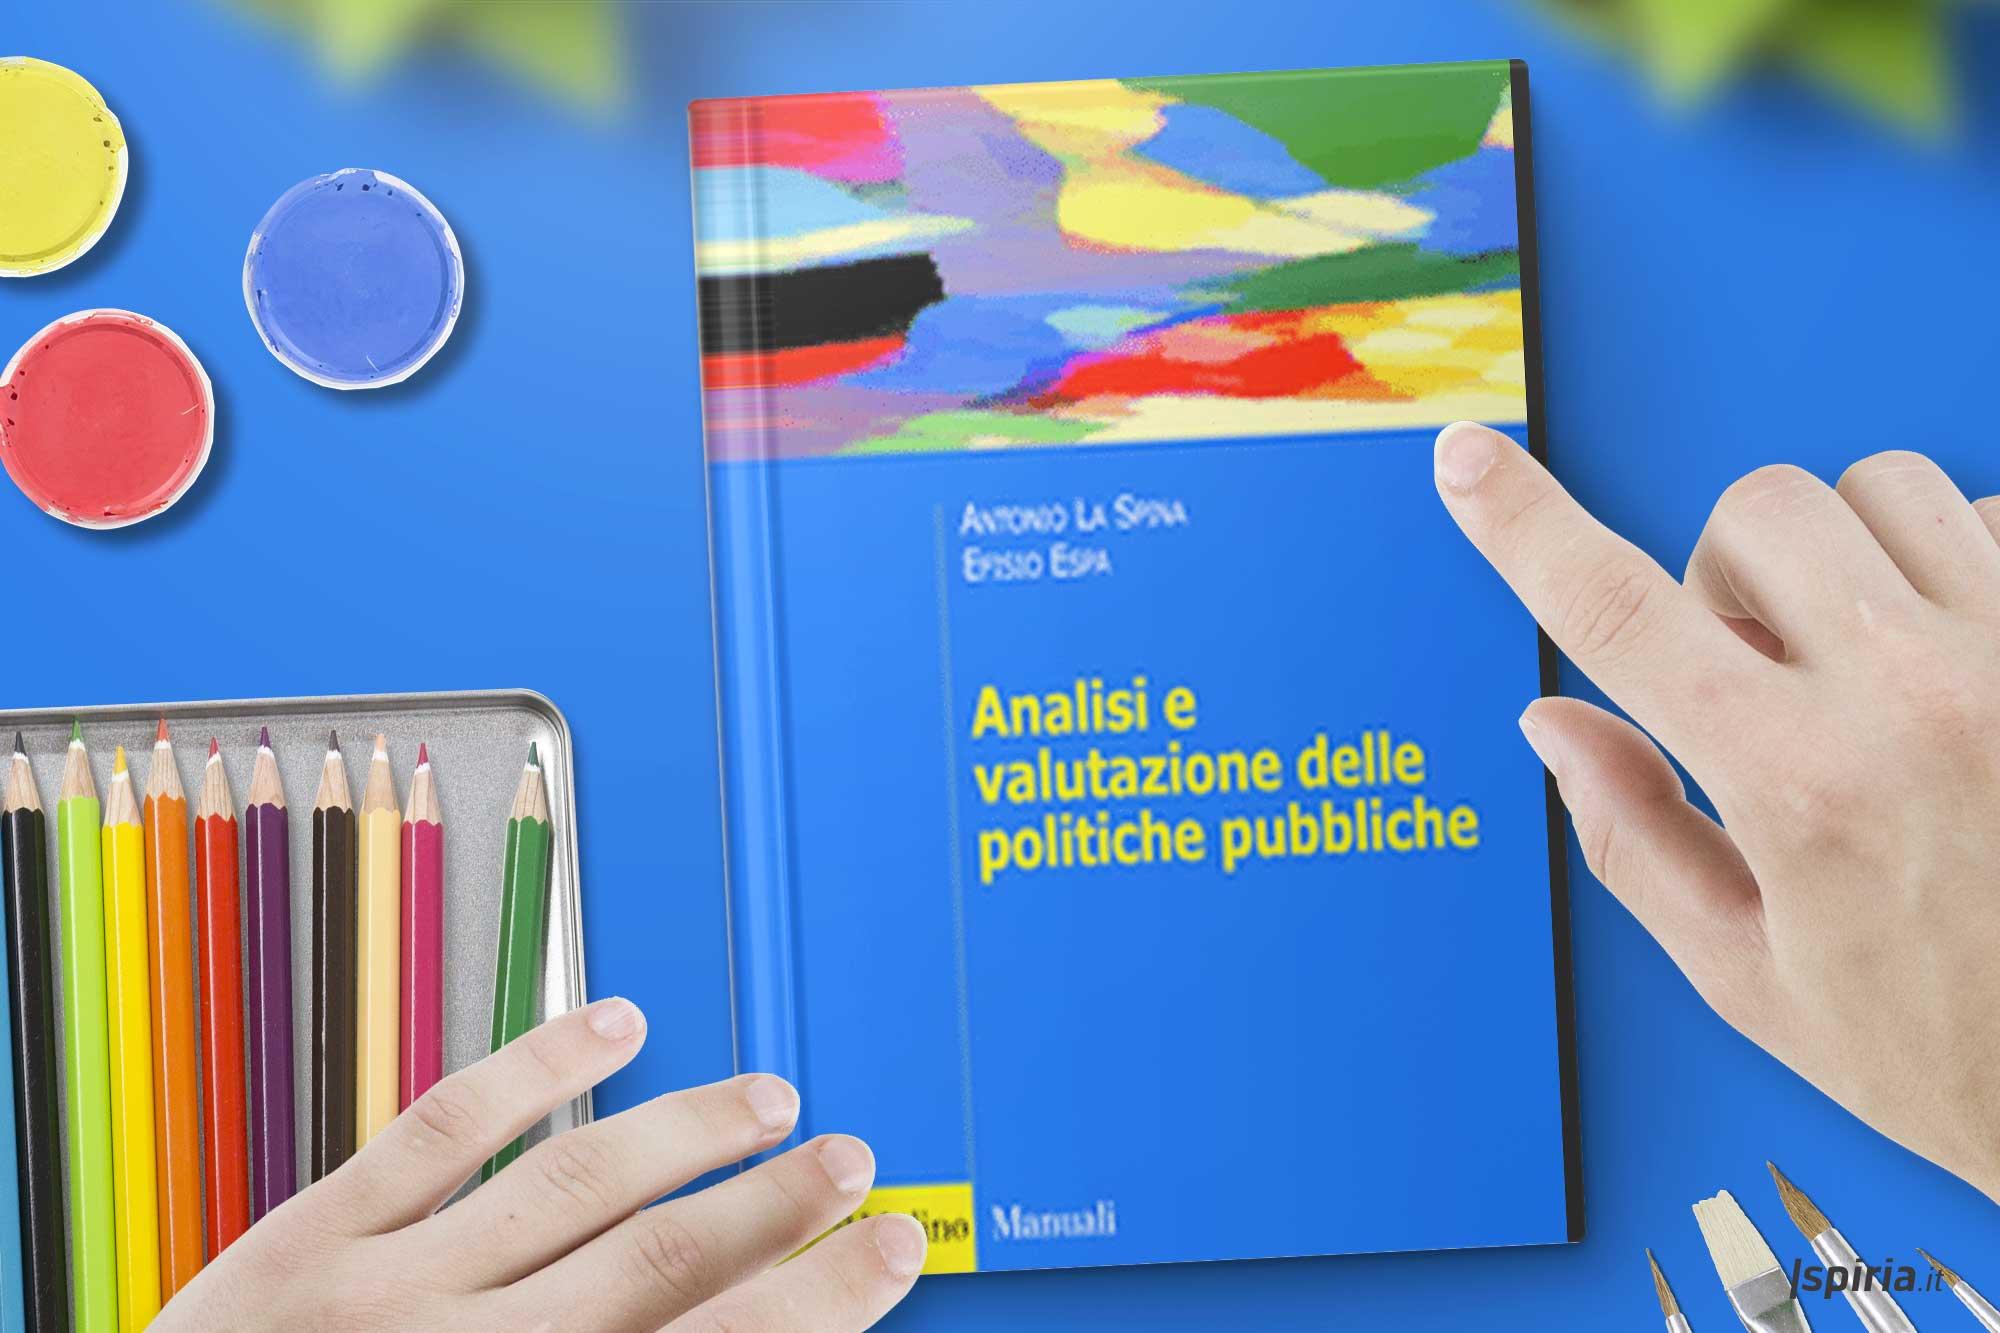 analisi-politiche-pubbliche-migliori-libri-politica